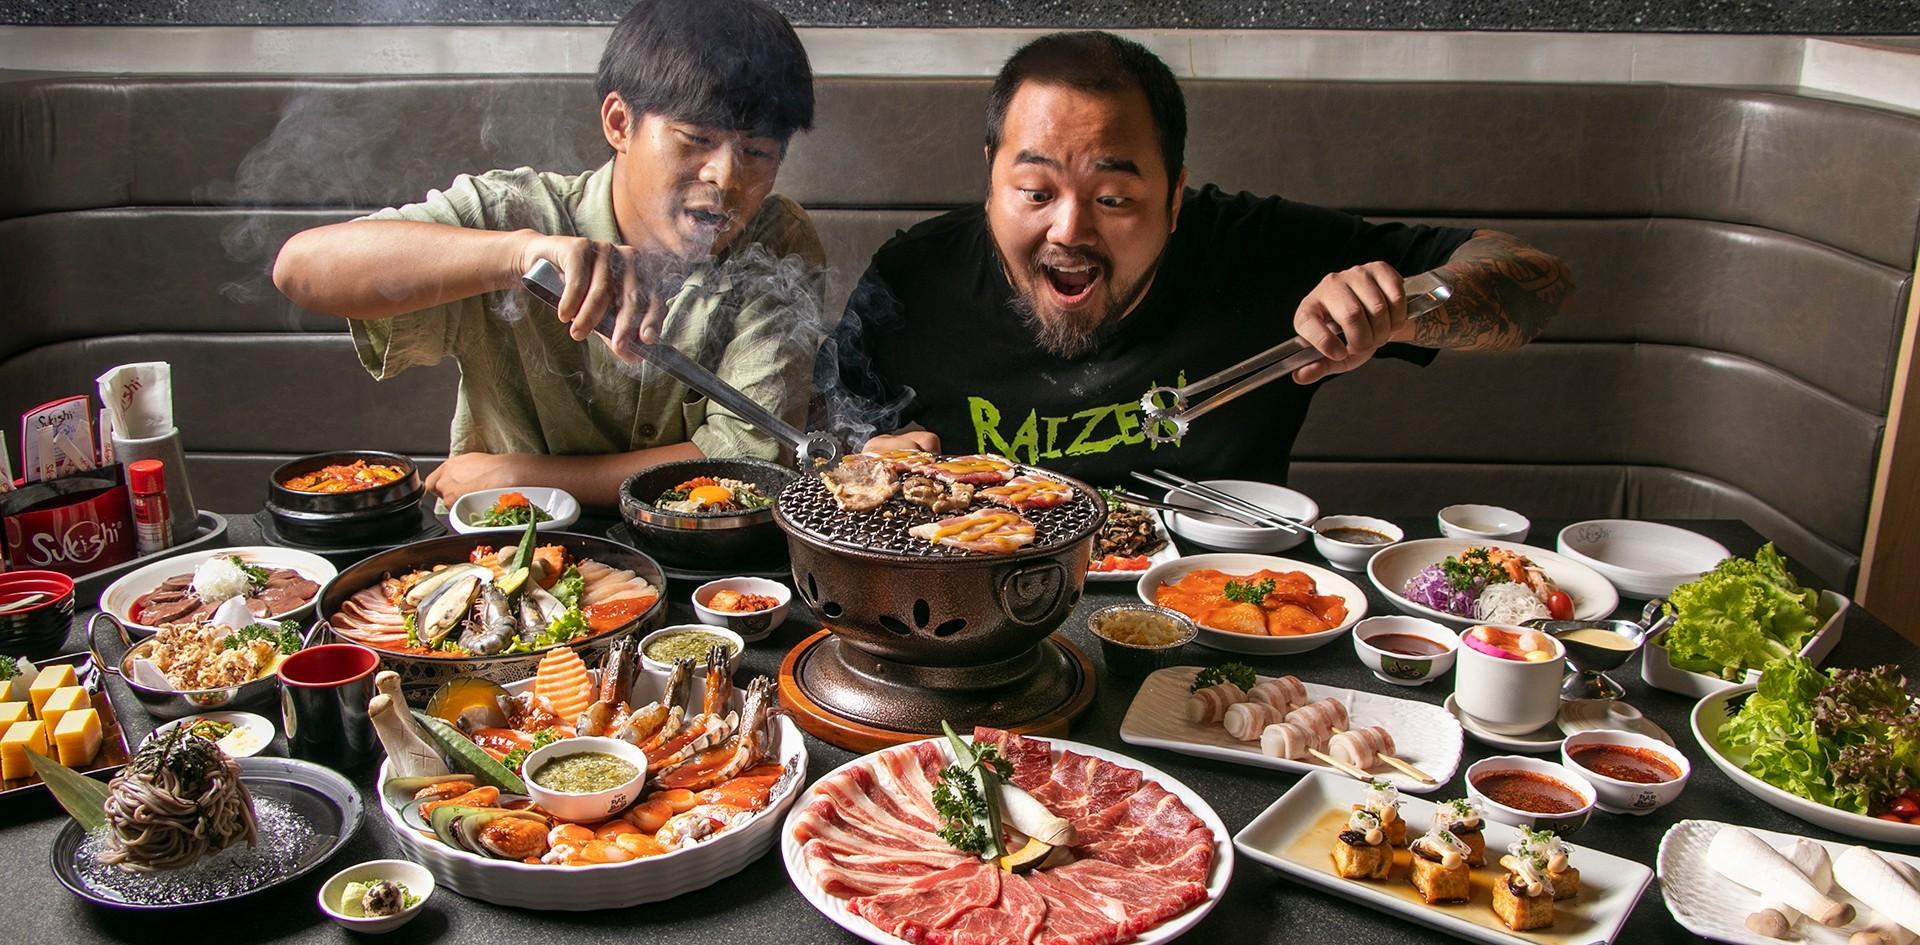 [รีวิว] Sukishi ร้านปิ้งย่างเกาหลี จัดโปรฯสุดคุ้ม เมนูปกติเพียง 19 บาท